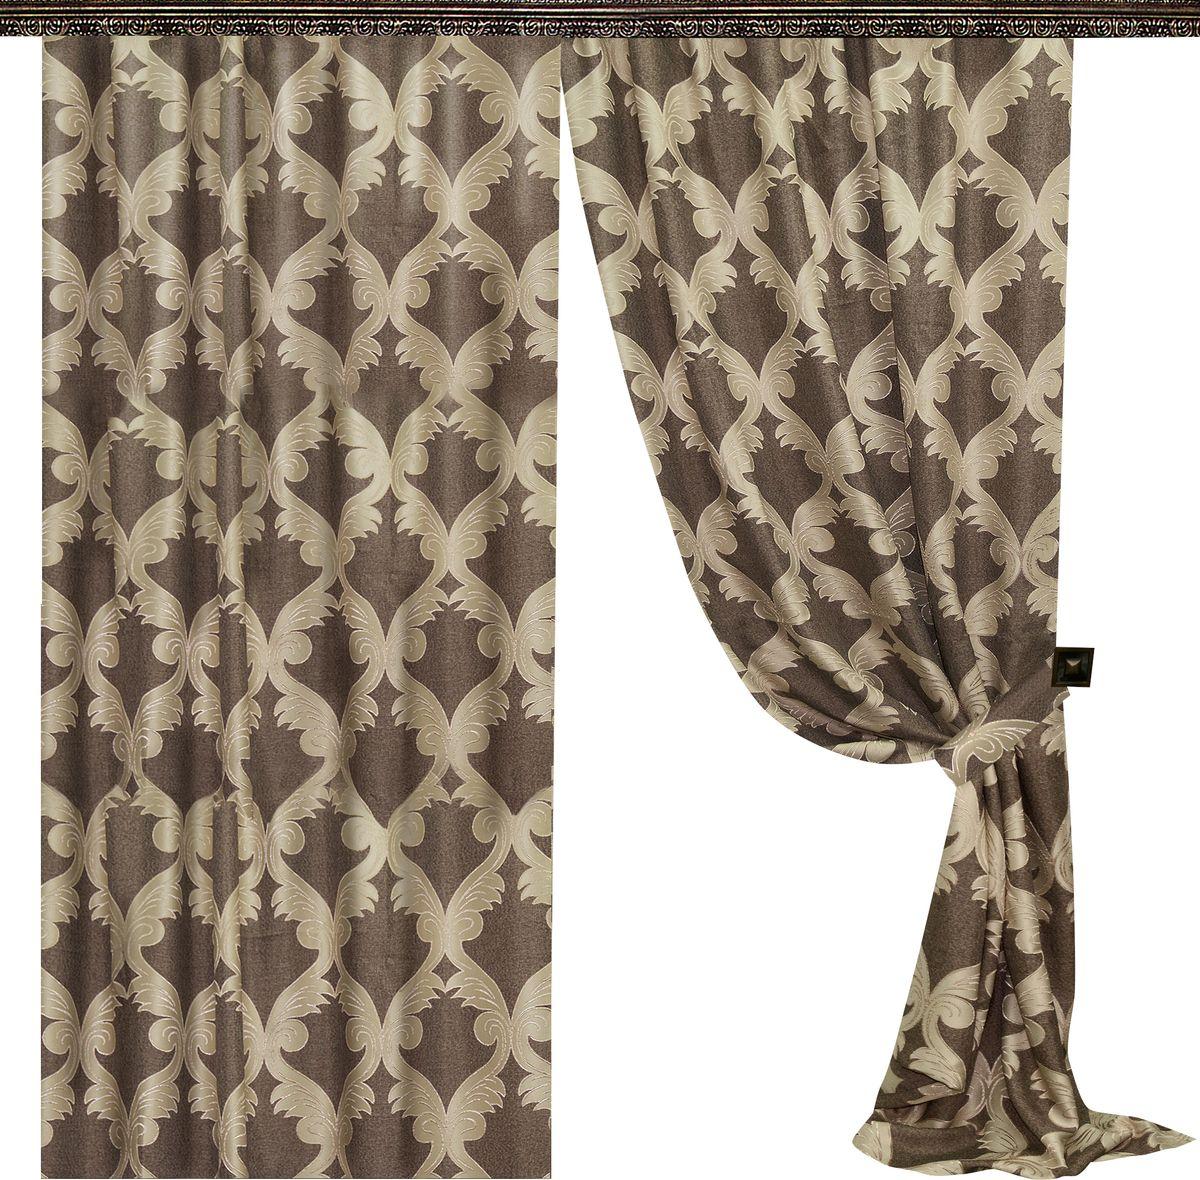 Комплект штор Zlata Korunka, на ленте, цвет: коричневый, высота 270 см. 777034777034Роскошный комплект штор Zlata Korunka комплект состоит из двух штор и двух подхватов, выполненных из 100% полиэстера, которые великолепно украсит любое окно.Плотная ткань, оригинальный орнамент и приятная цветовая гамма привлекут к себе внимание и органично впишутся в интерьер помещения. Комплект крепится на карниз при помощи шторной ленты, которая поможет красиво и равномерно задрапировать верх.Этот комплект будет долгое время радовать вас и вашу семью! В комплект входит: Штора: 2 шт. Размер (ШхВ): 160 см х 270 см. Подхват: 2 шт.